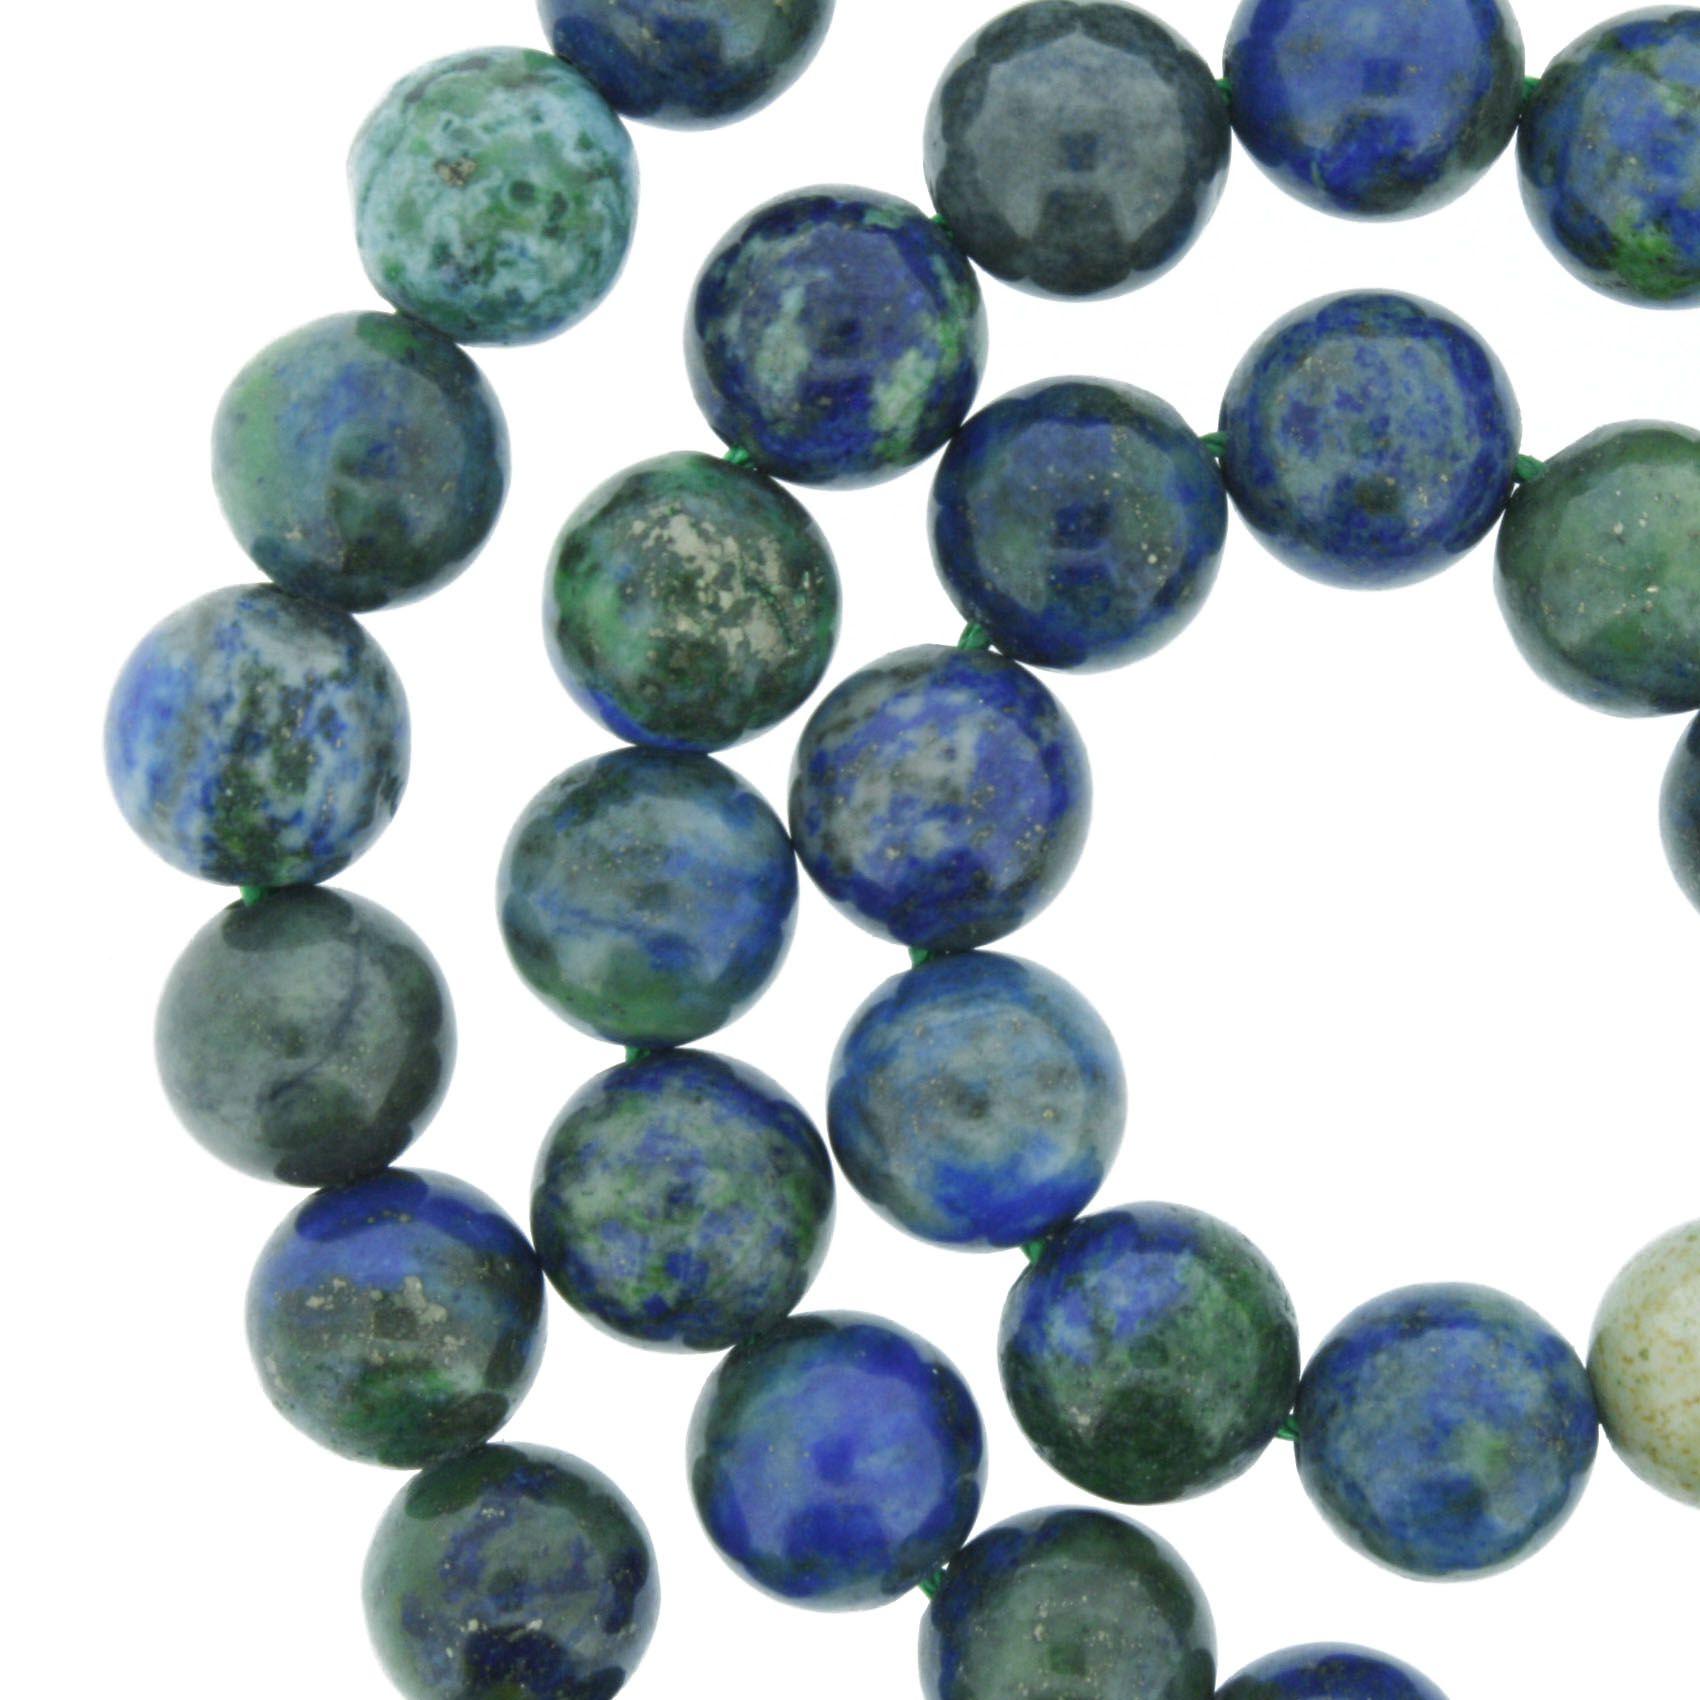 Fio de Pedra - Azurita - 8mm  - Stéphanie Bijoux® - Peças para Bijuterias e Artesanato